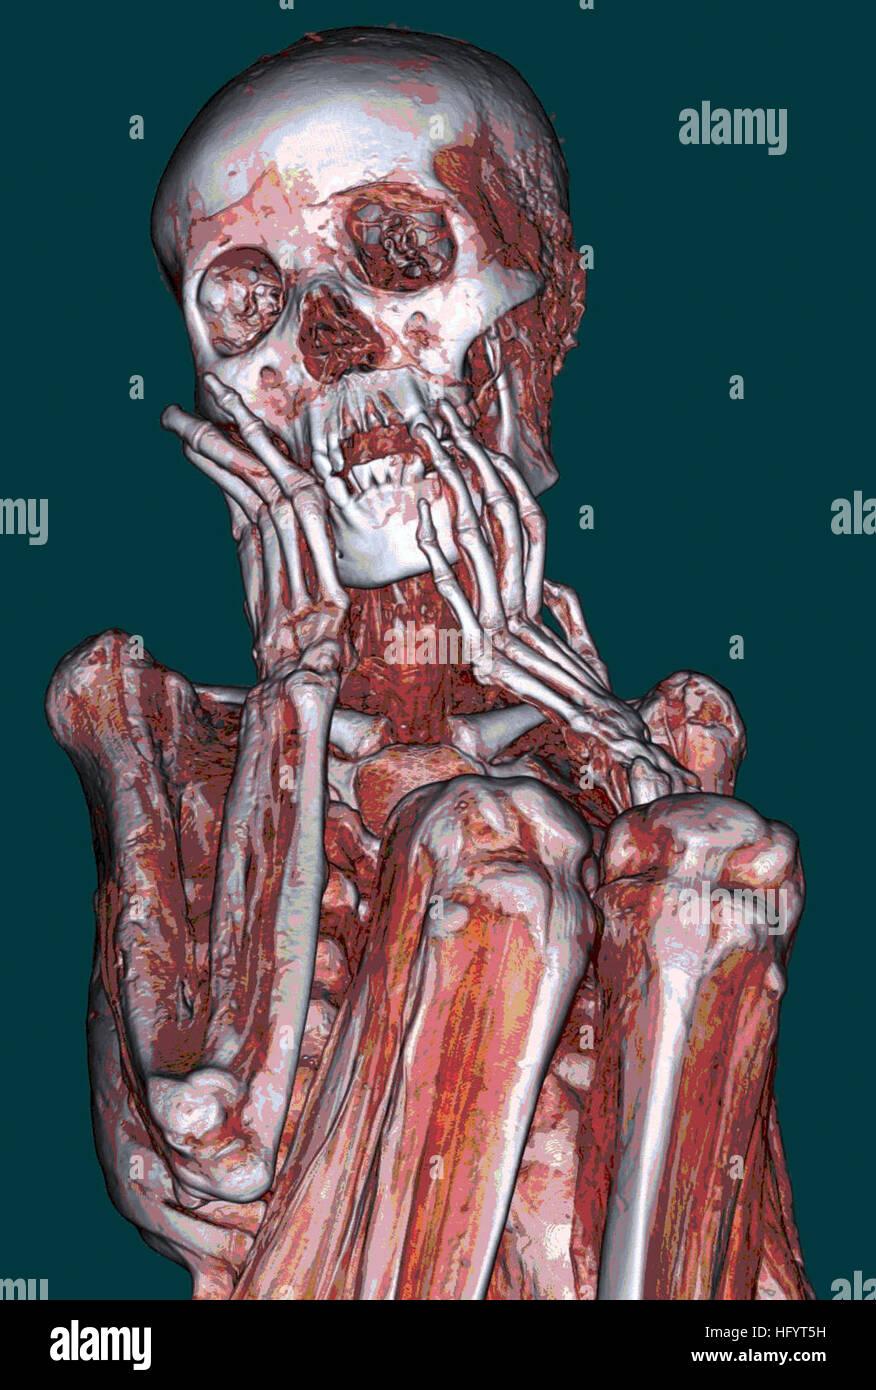 110427-N-YY999-002 SAN DIEGO (27 de abril de 2011) Una tomografía computarizada de una momia peruana adoptada Imagen De Stock